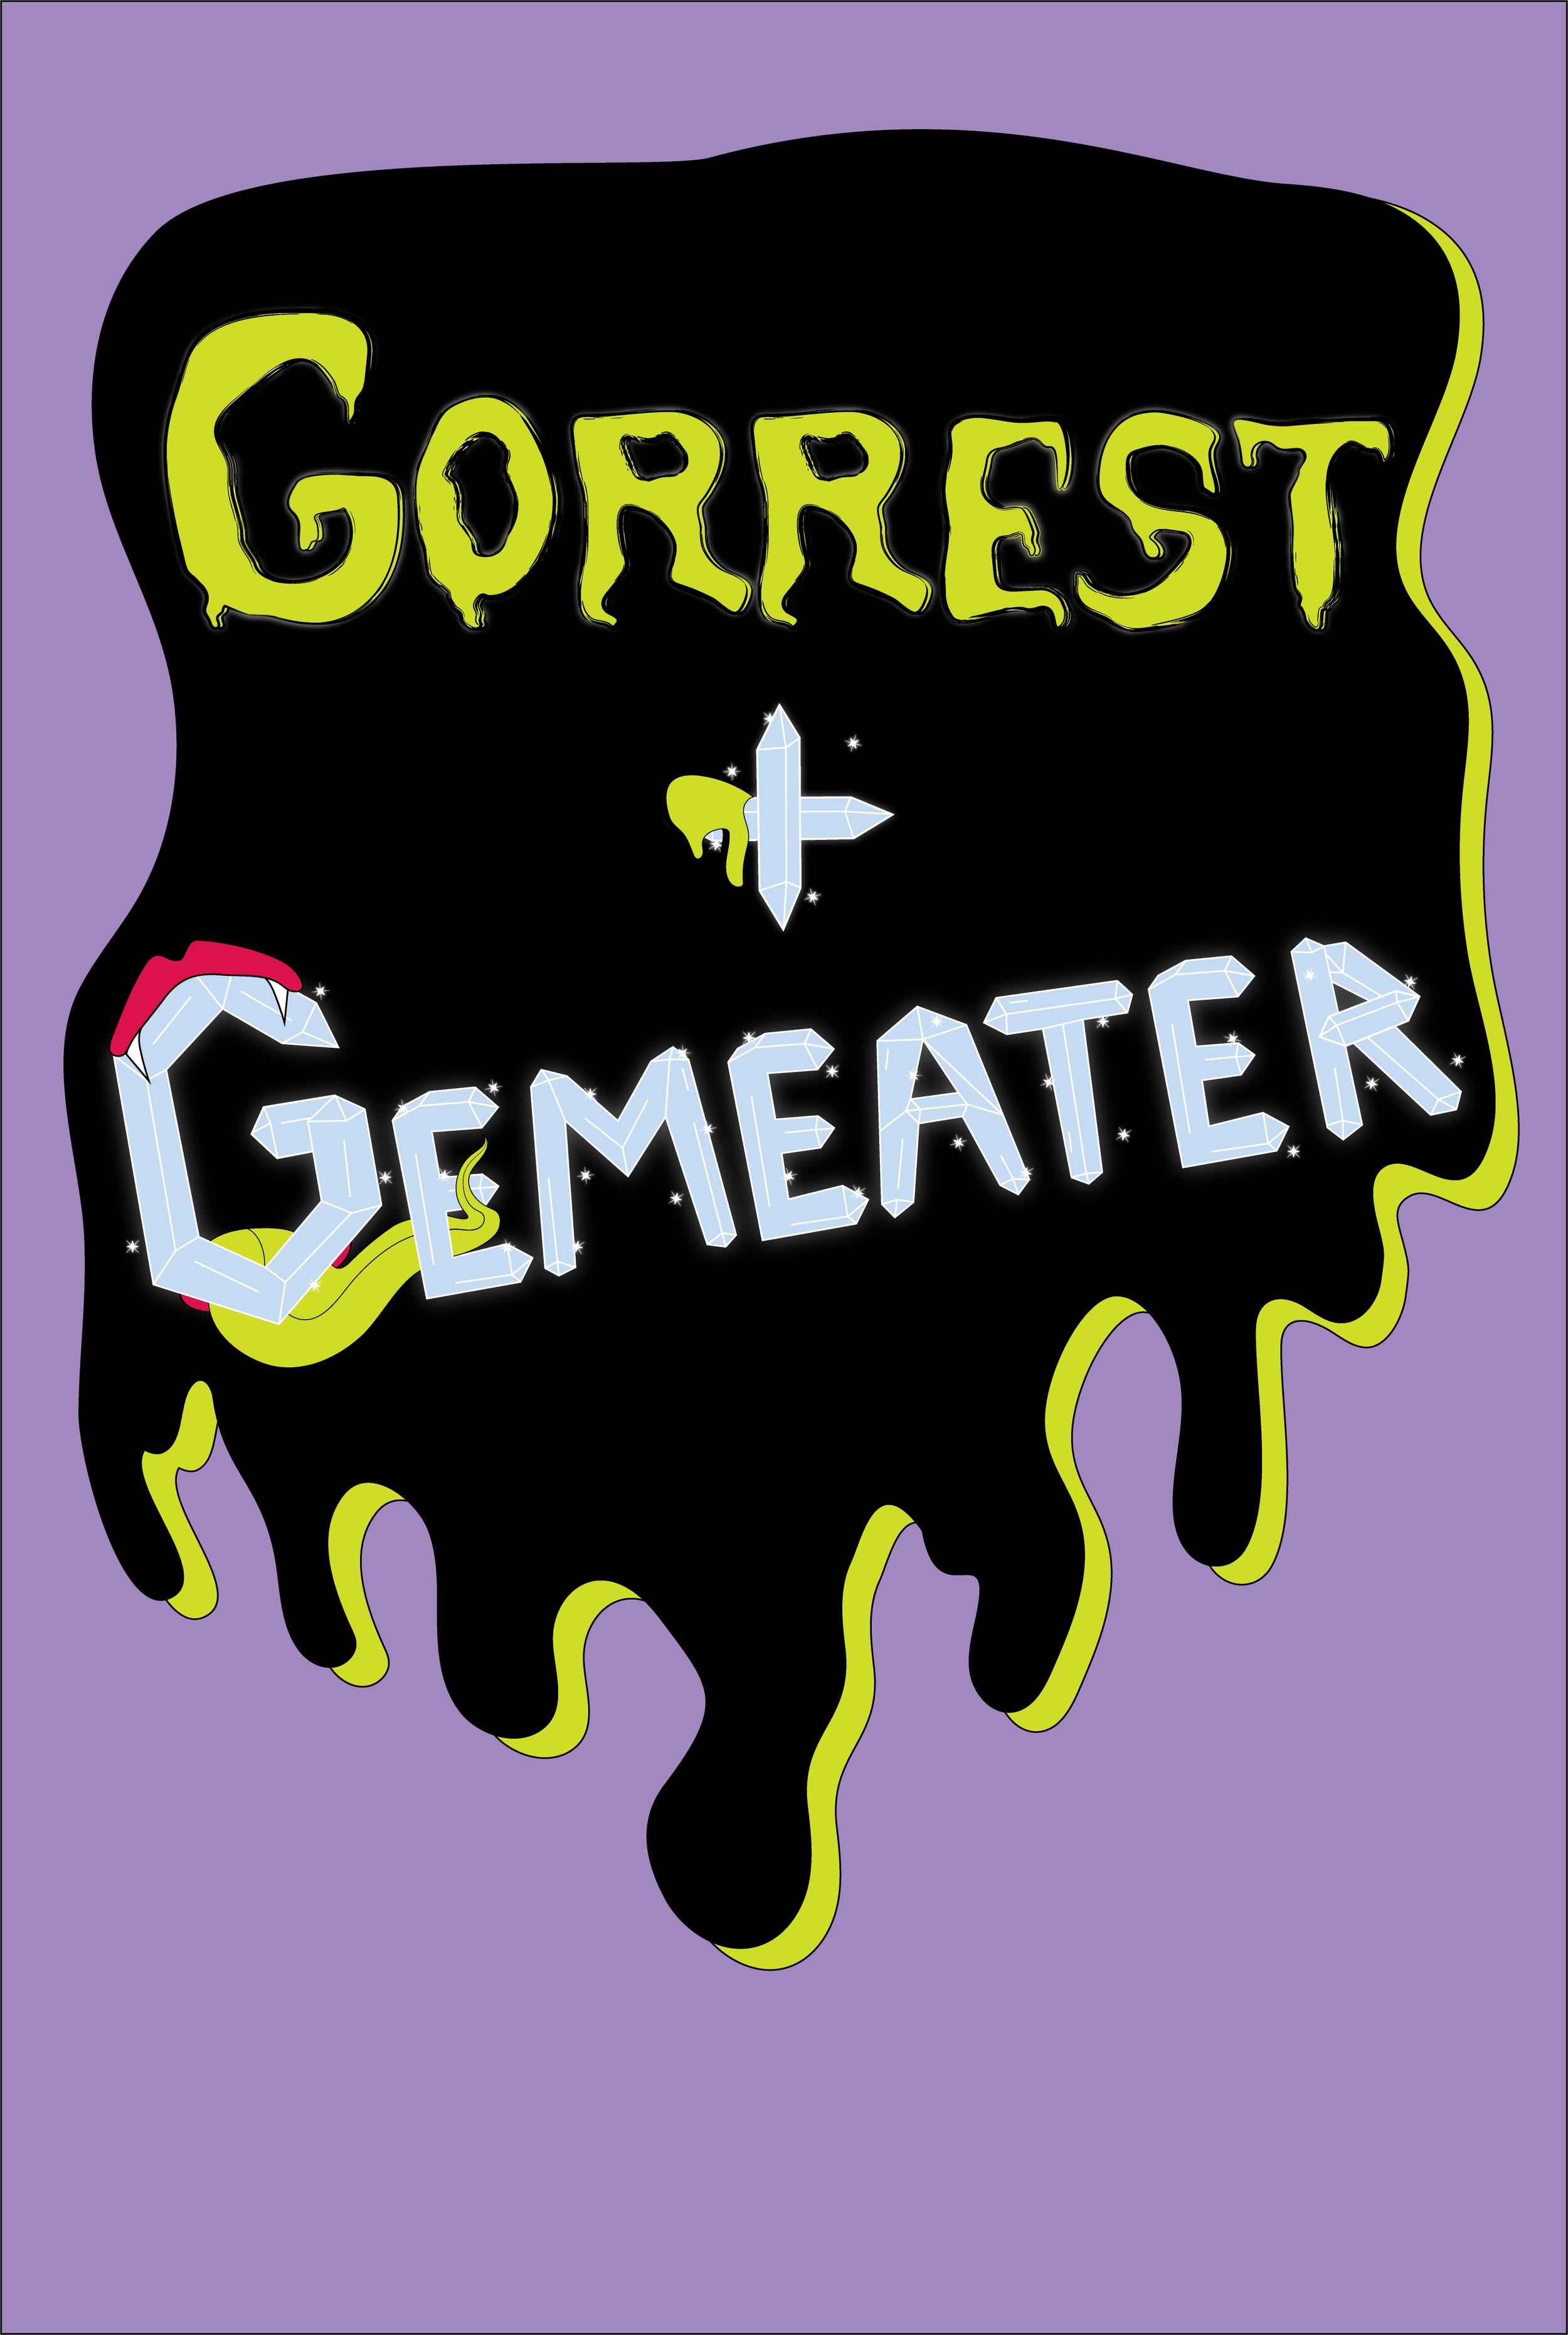 Gorrest-Gemeater.png